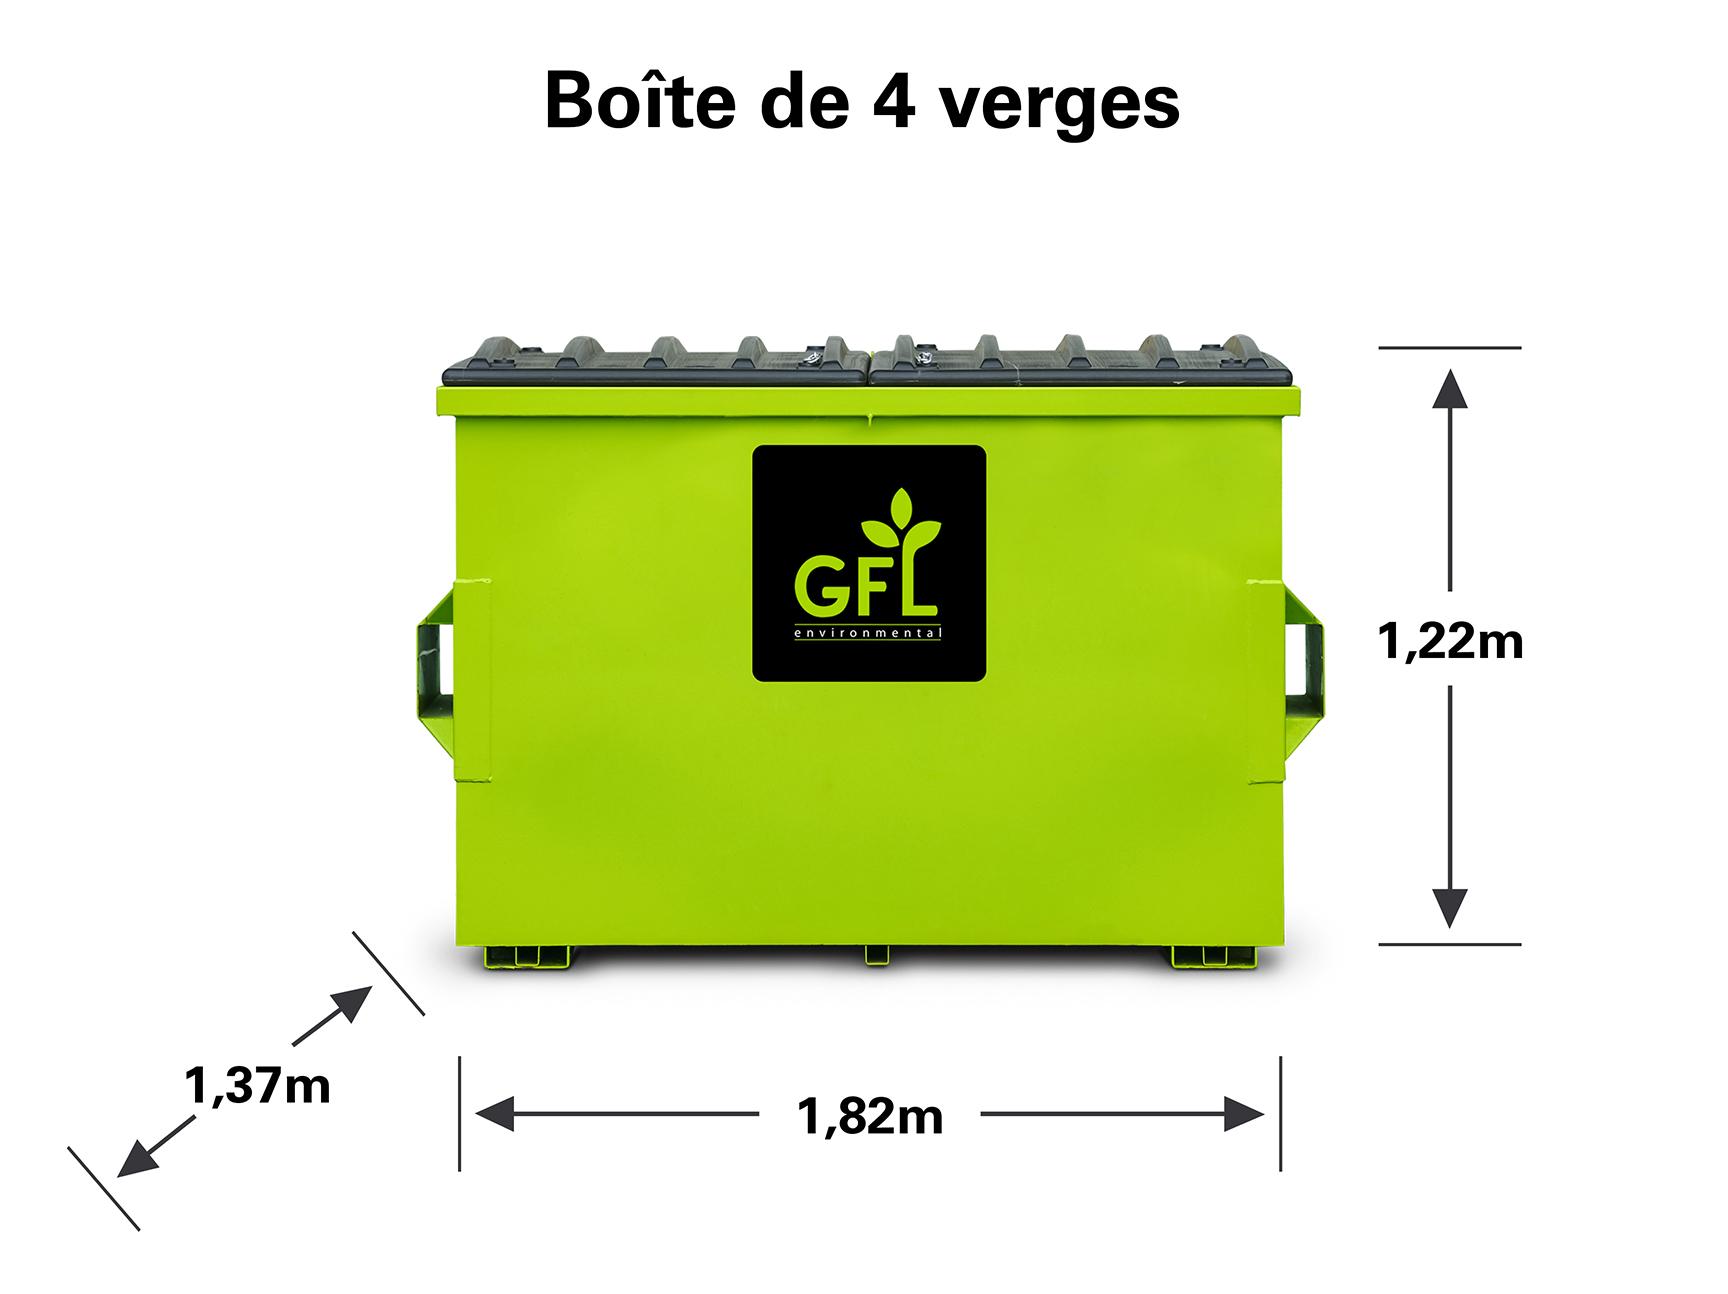 Boîte de recyclage mélangée de quatre verges